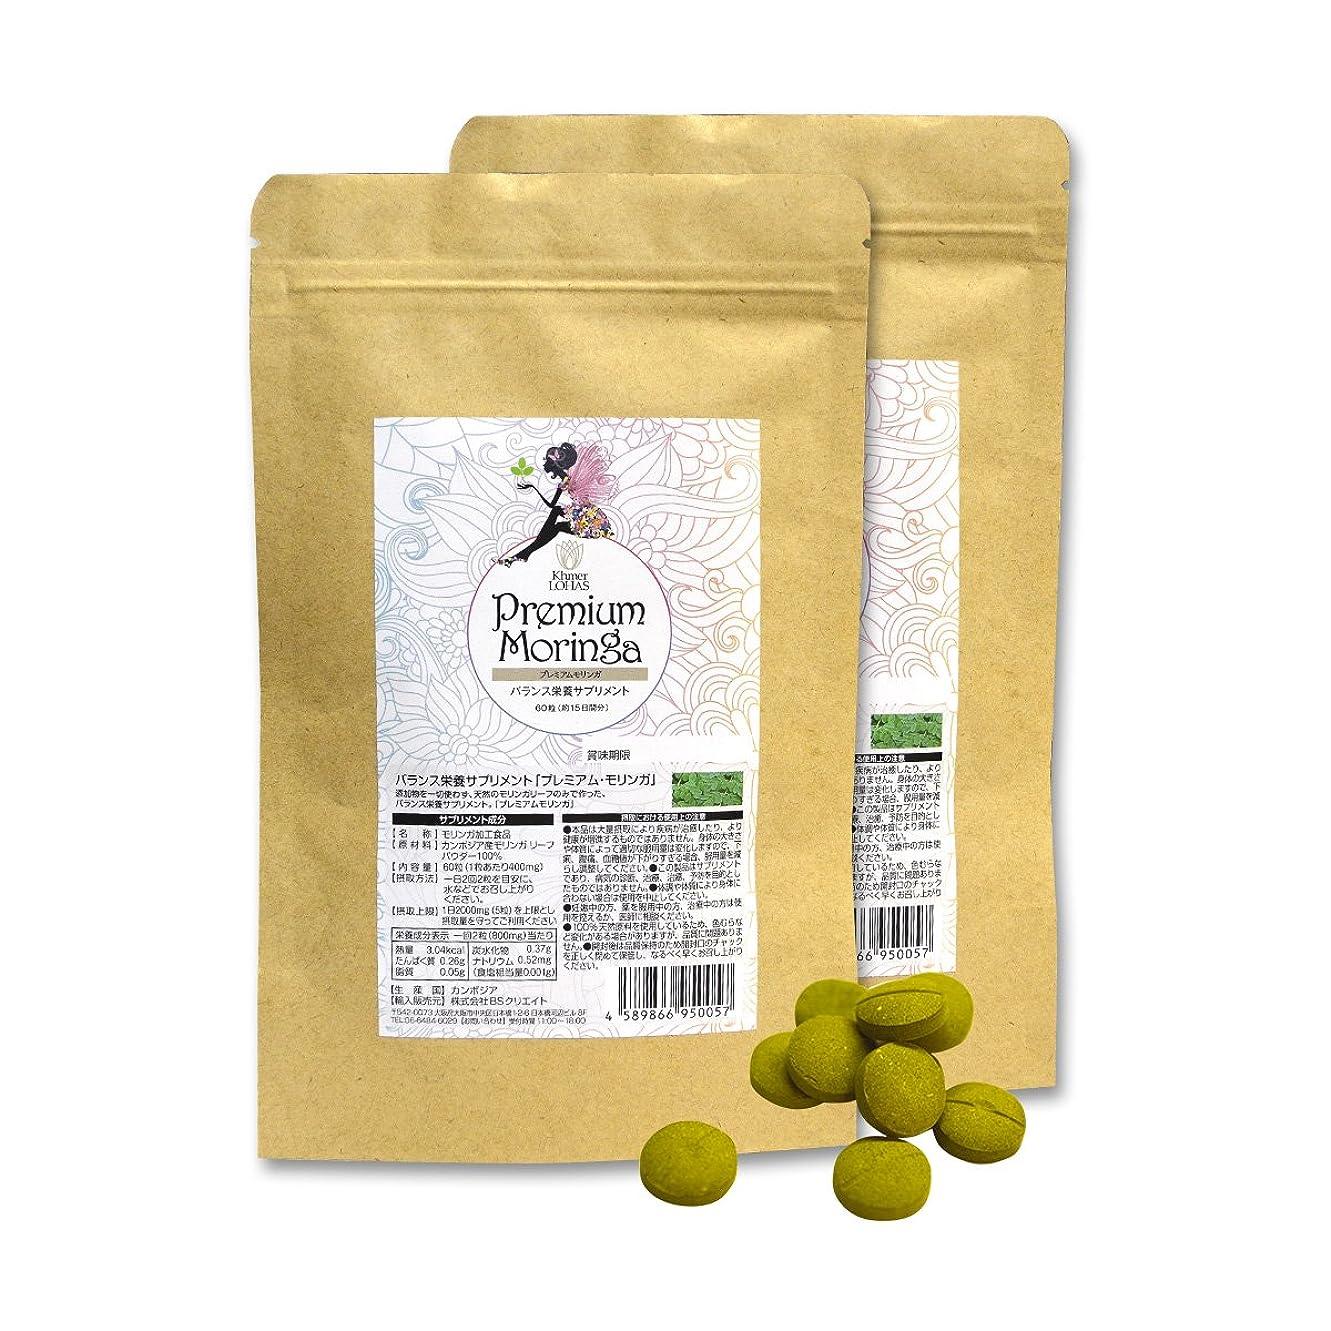 ファイナンス非効率的なミリメートルプレミアムモリンガ サプリメント 無添加 無農薬 人気の約30日分 1粒400mg×120粒 スーパーフード 食物繊維や栄養素が豊富なモリンガ